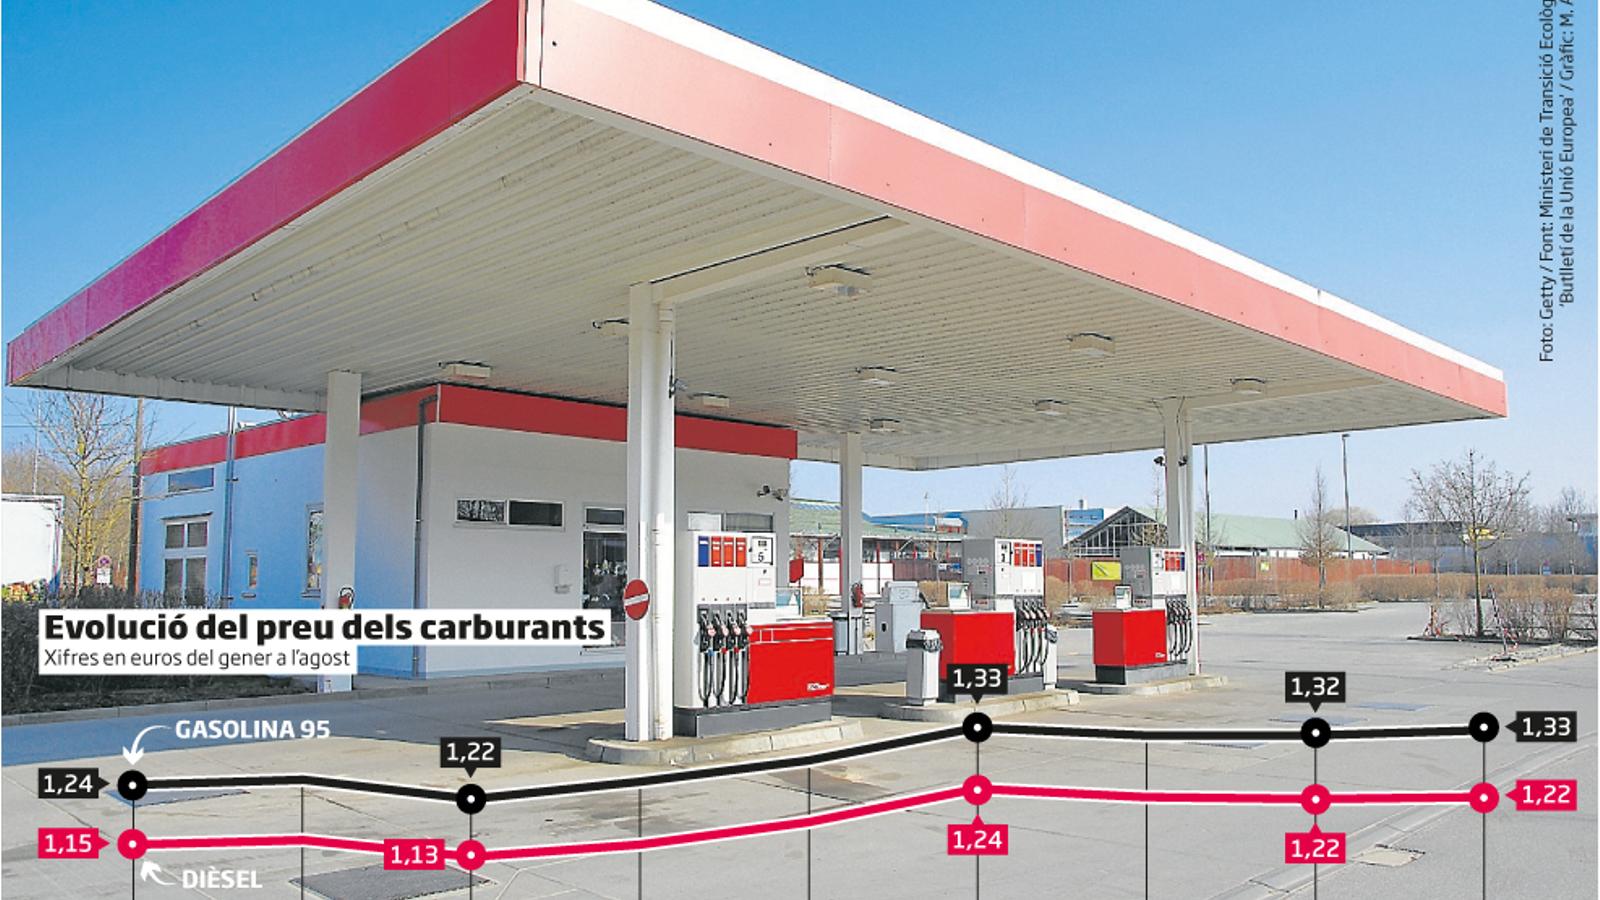 La gasolina frega màxims de l'any